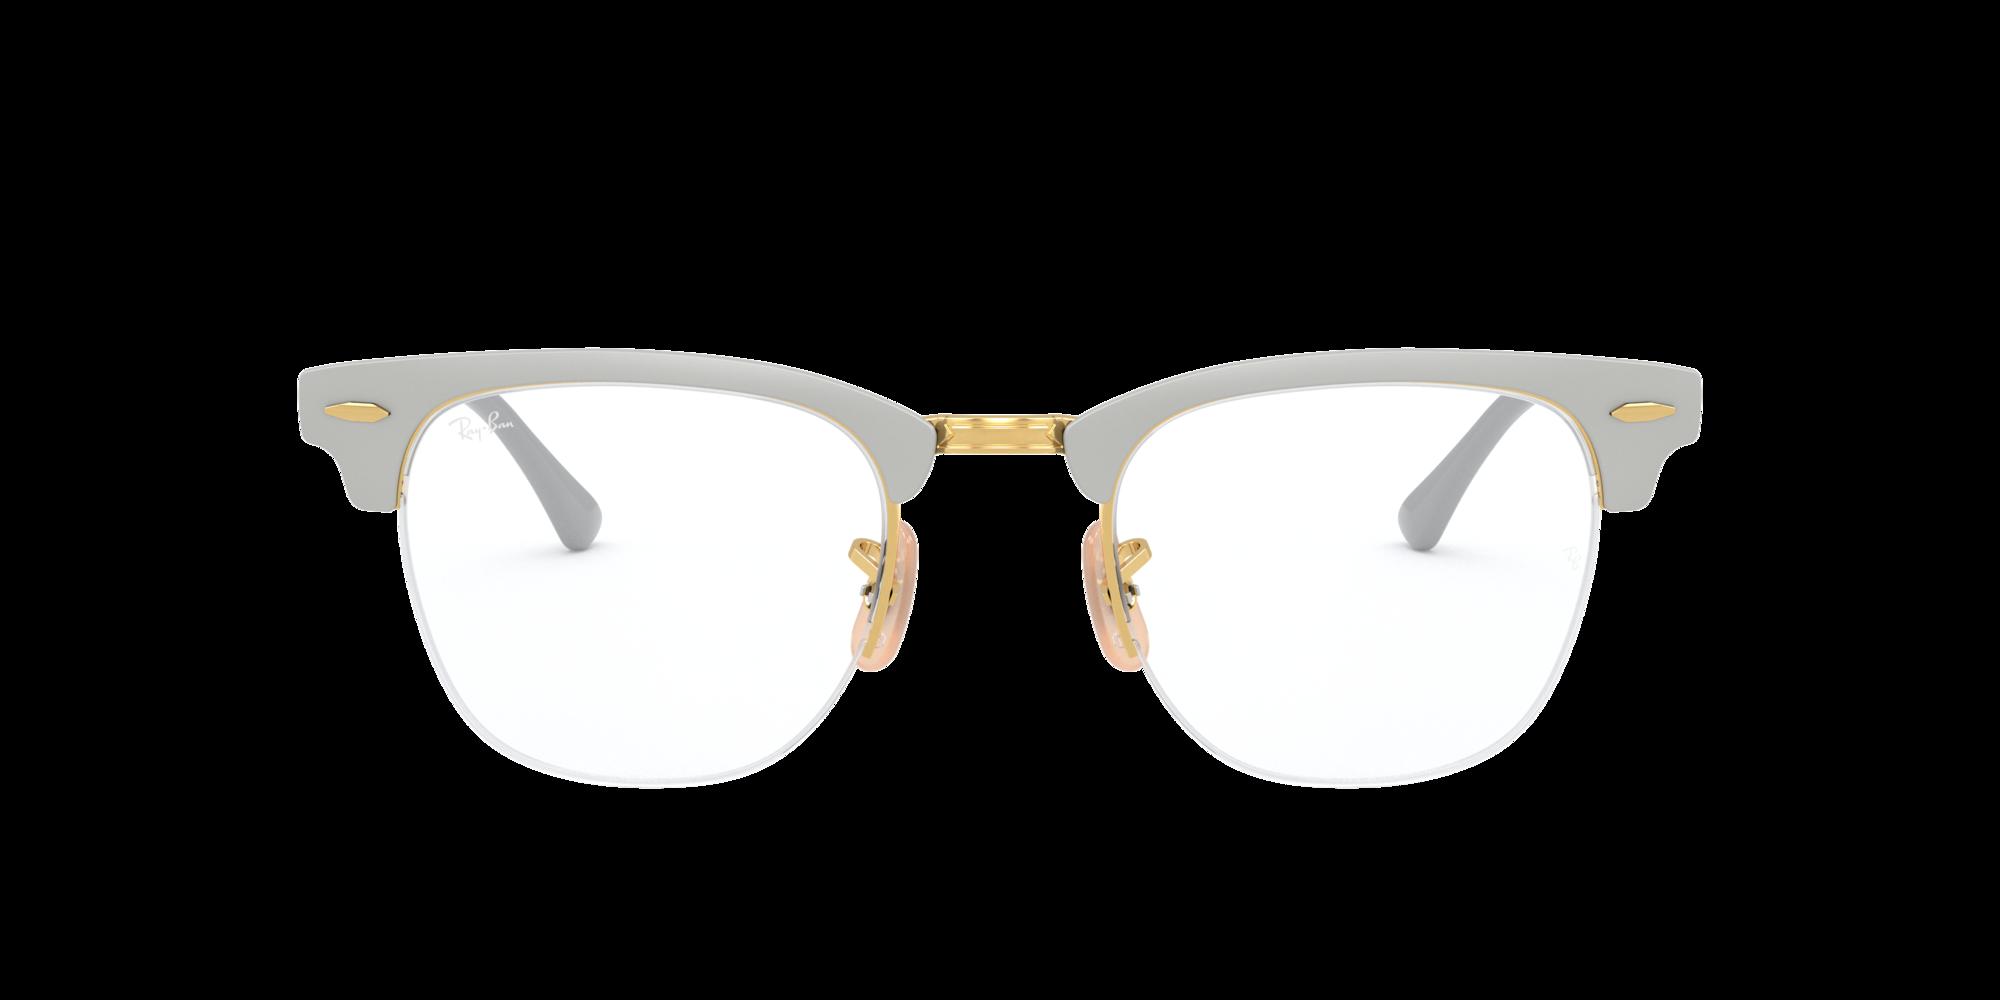 Imagen para RX3716VM CLUBMASTER METAL de LensCrafters    Espejuelos, espejuelos graduados en línea, gafas